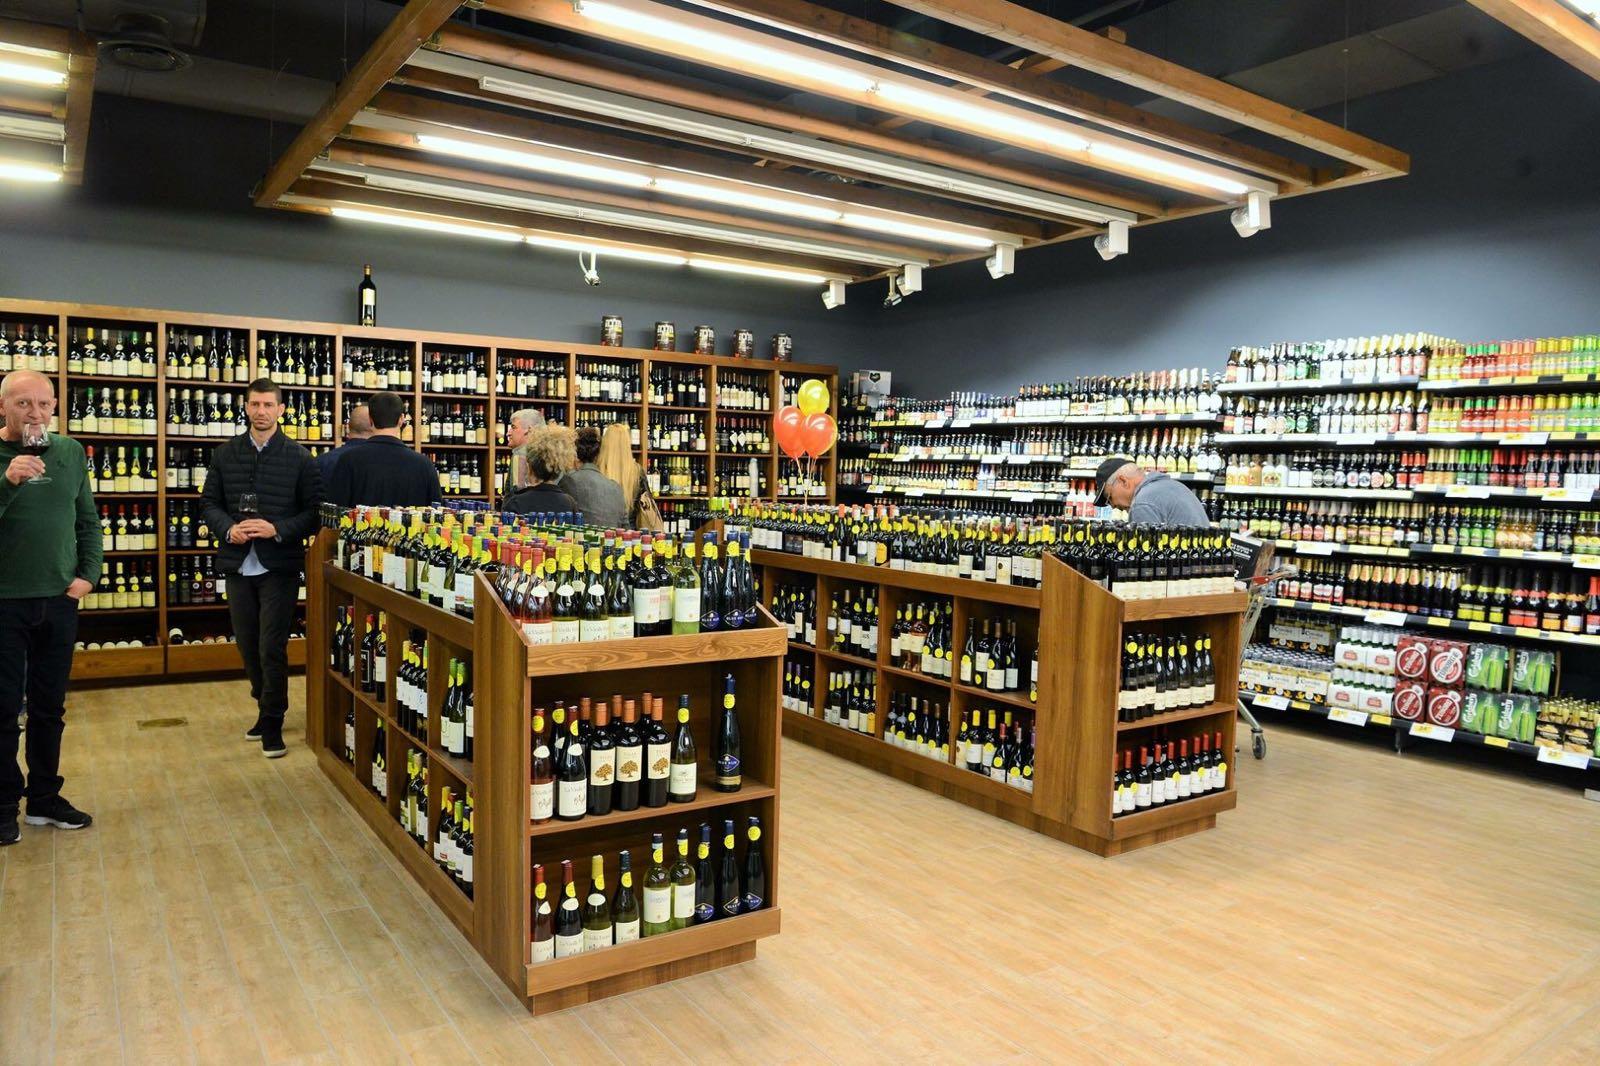 סטופ מרקט קסטרא. טעימות יין מיקבים מהארץ ומרחבי העולם